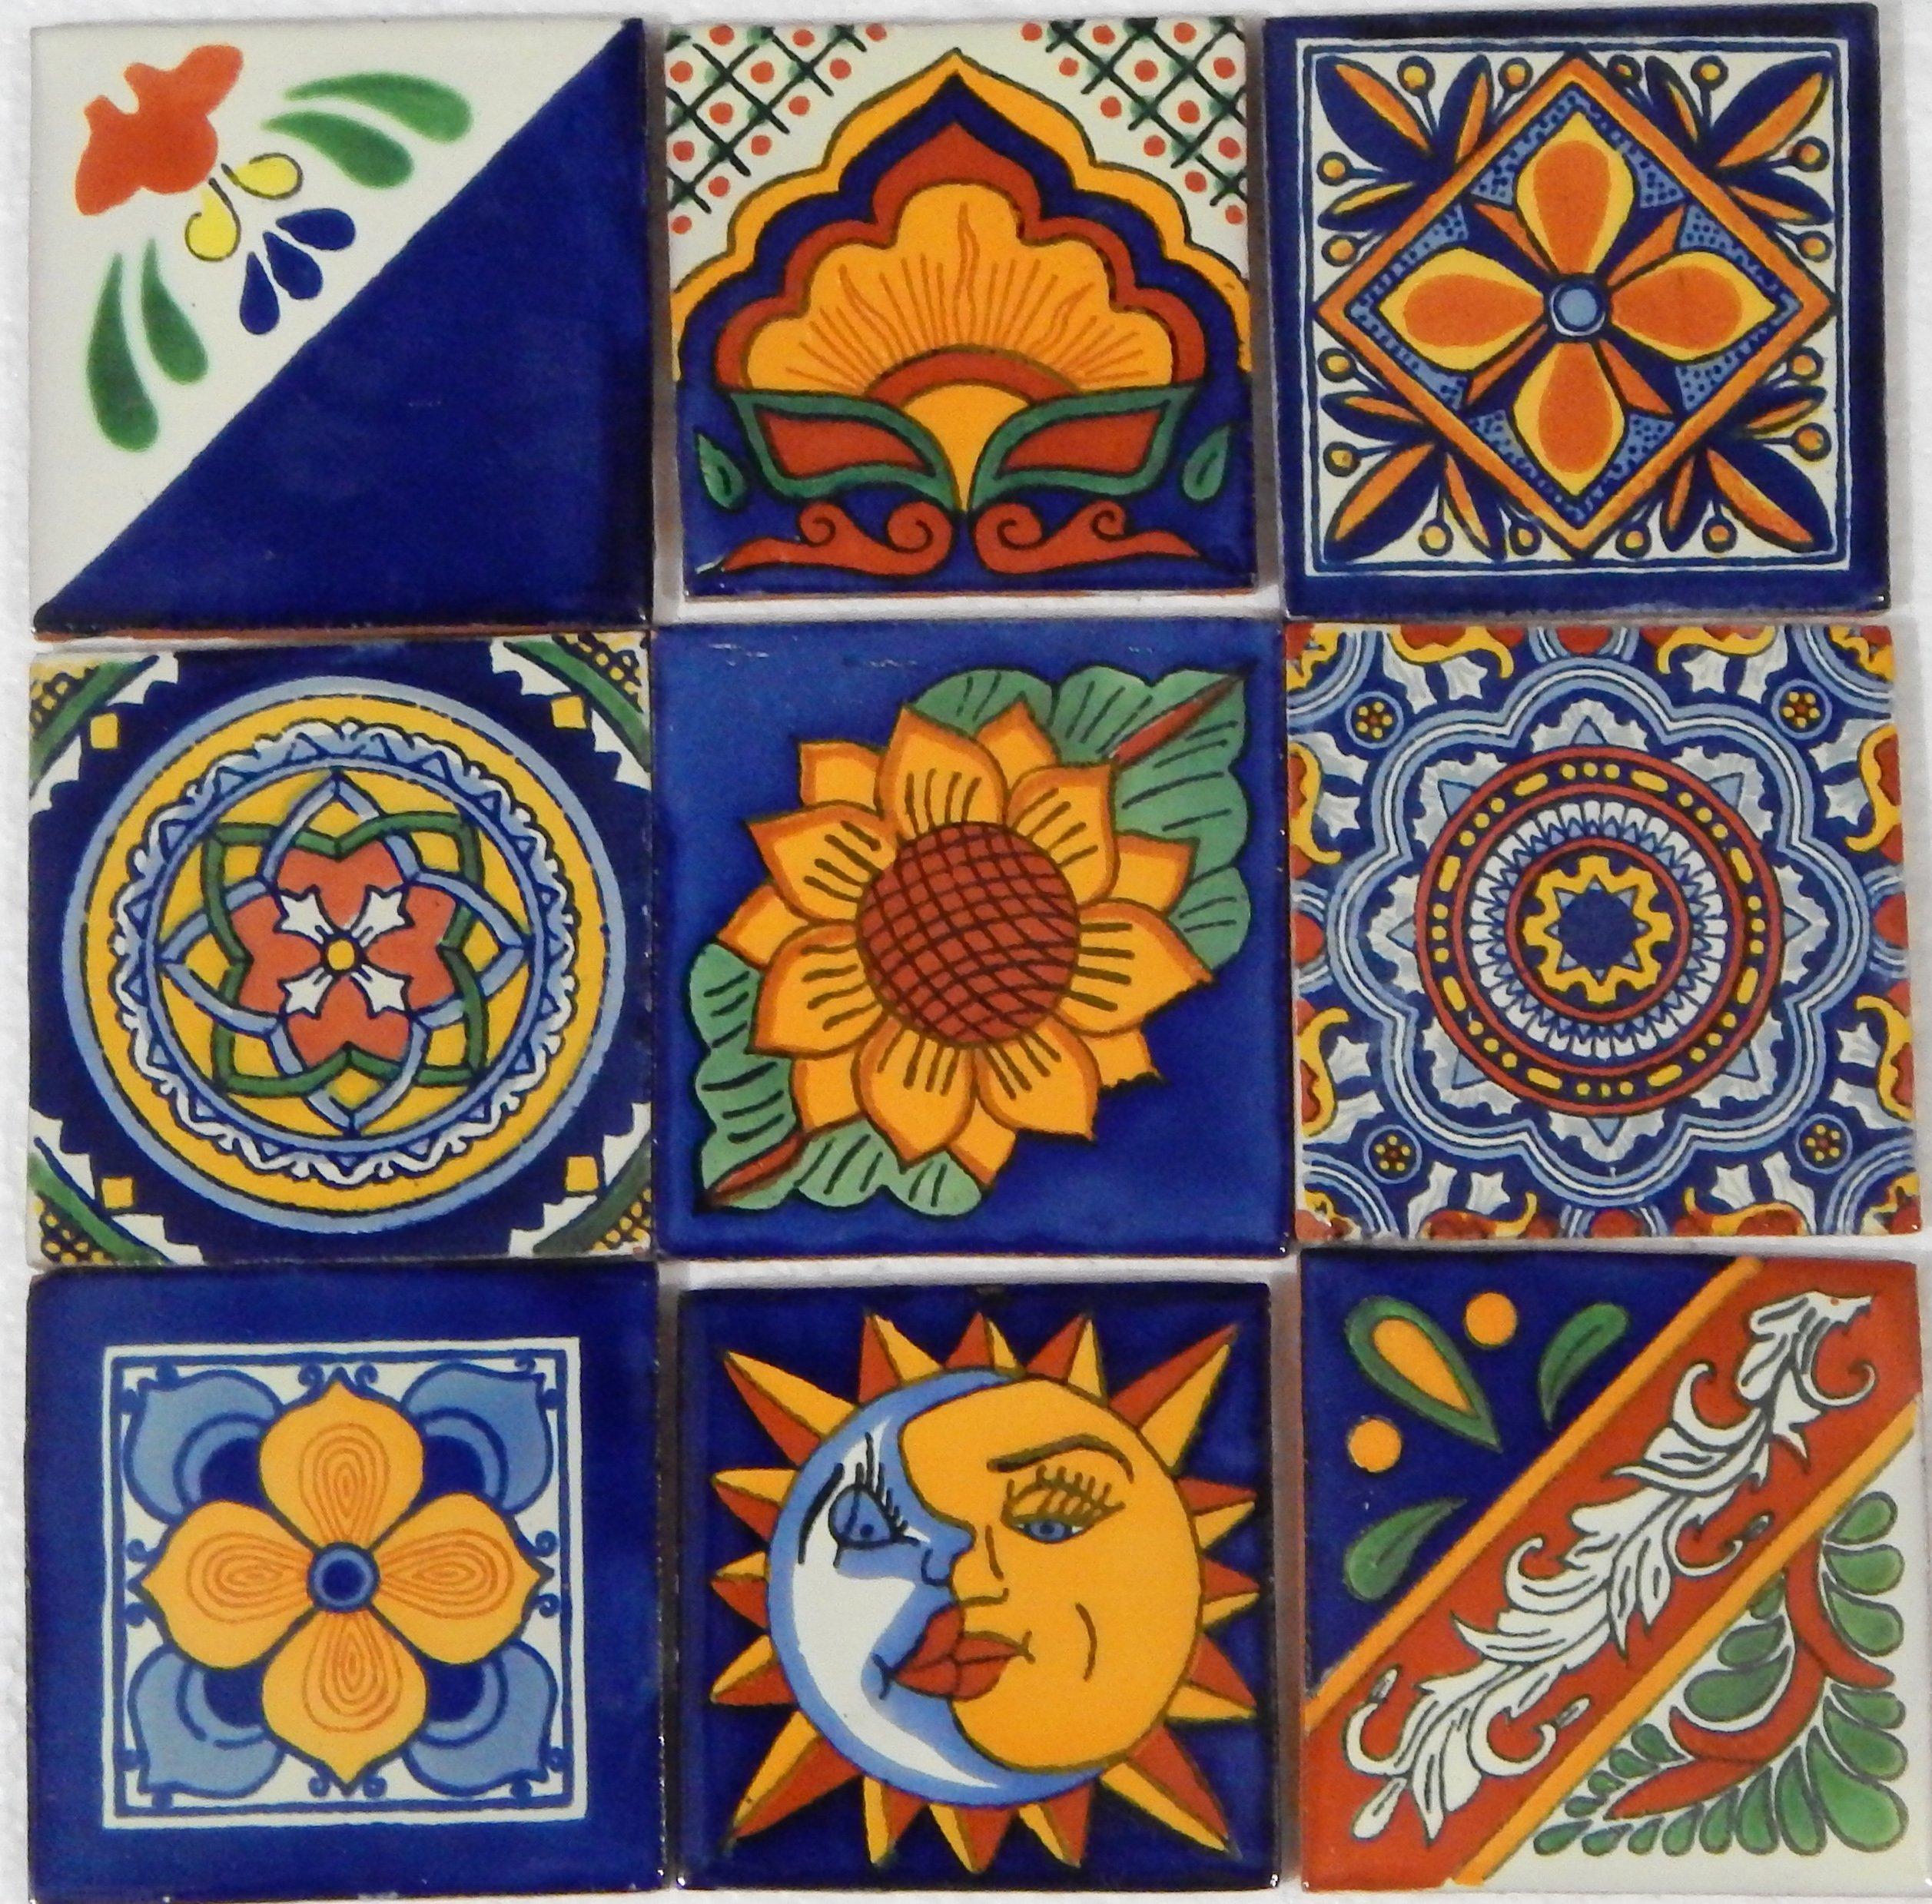 9 Hand Painted Talavera Mexican Tiles 4''x 4'' by Color y Tradicion